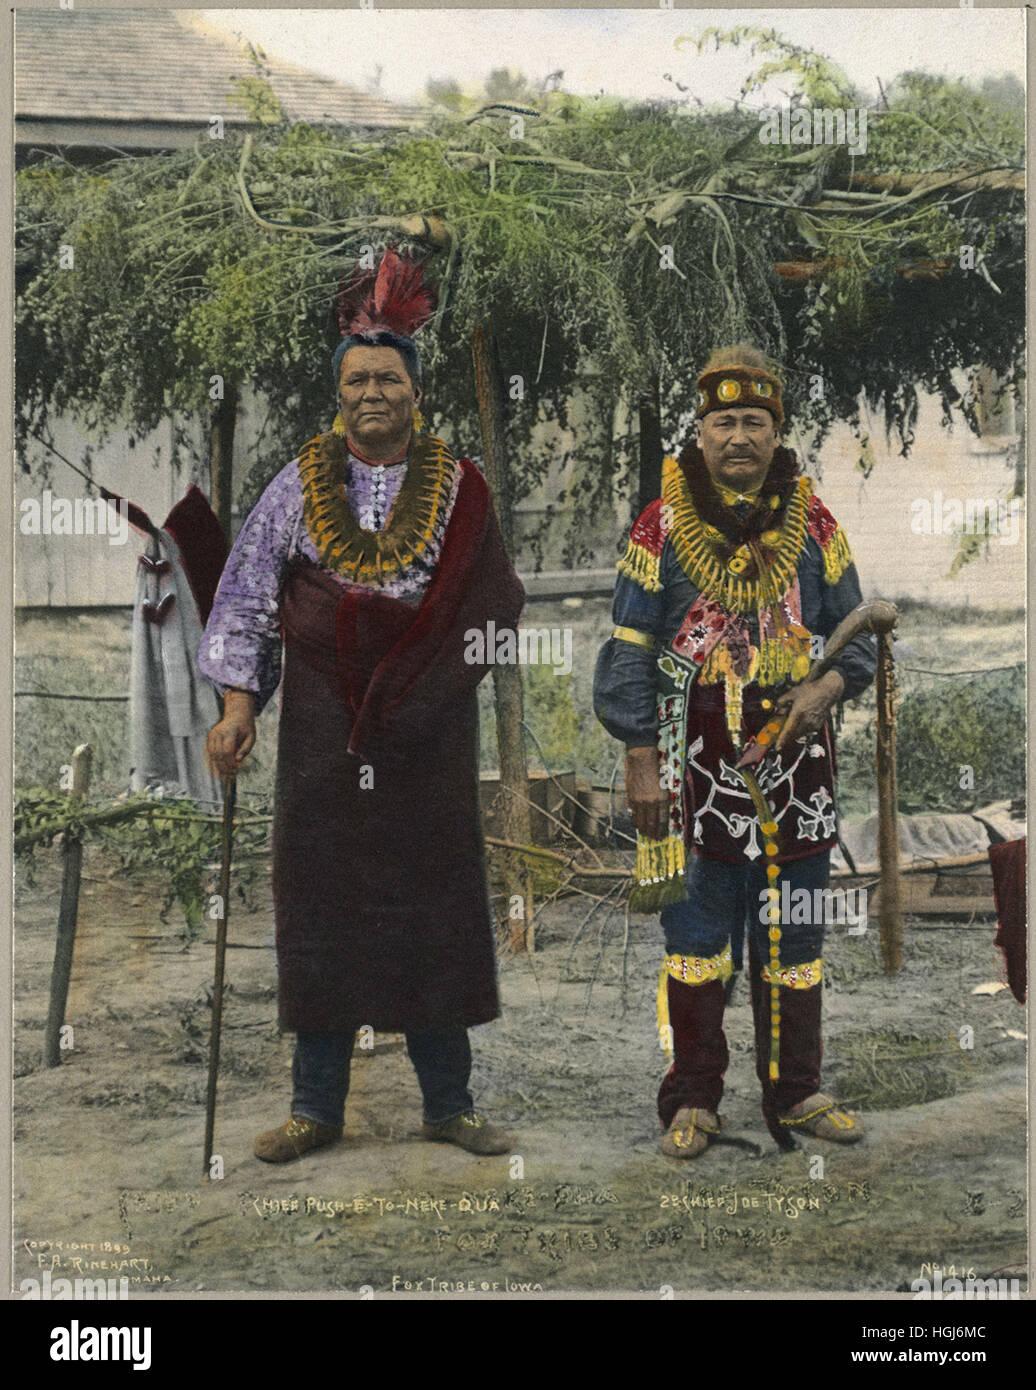 Chief Push-E-To-Neke-Qua, Chief Joe Tyson, Fox Tribe of Iowa   - 1898 Indian Congress - Photo : Frank A. Rinehart - Stock Image